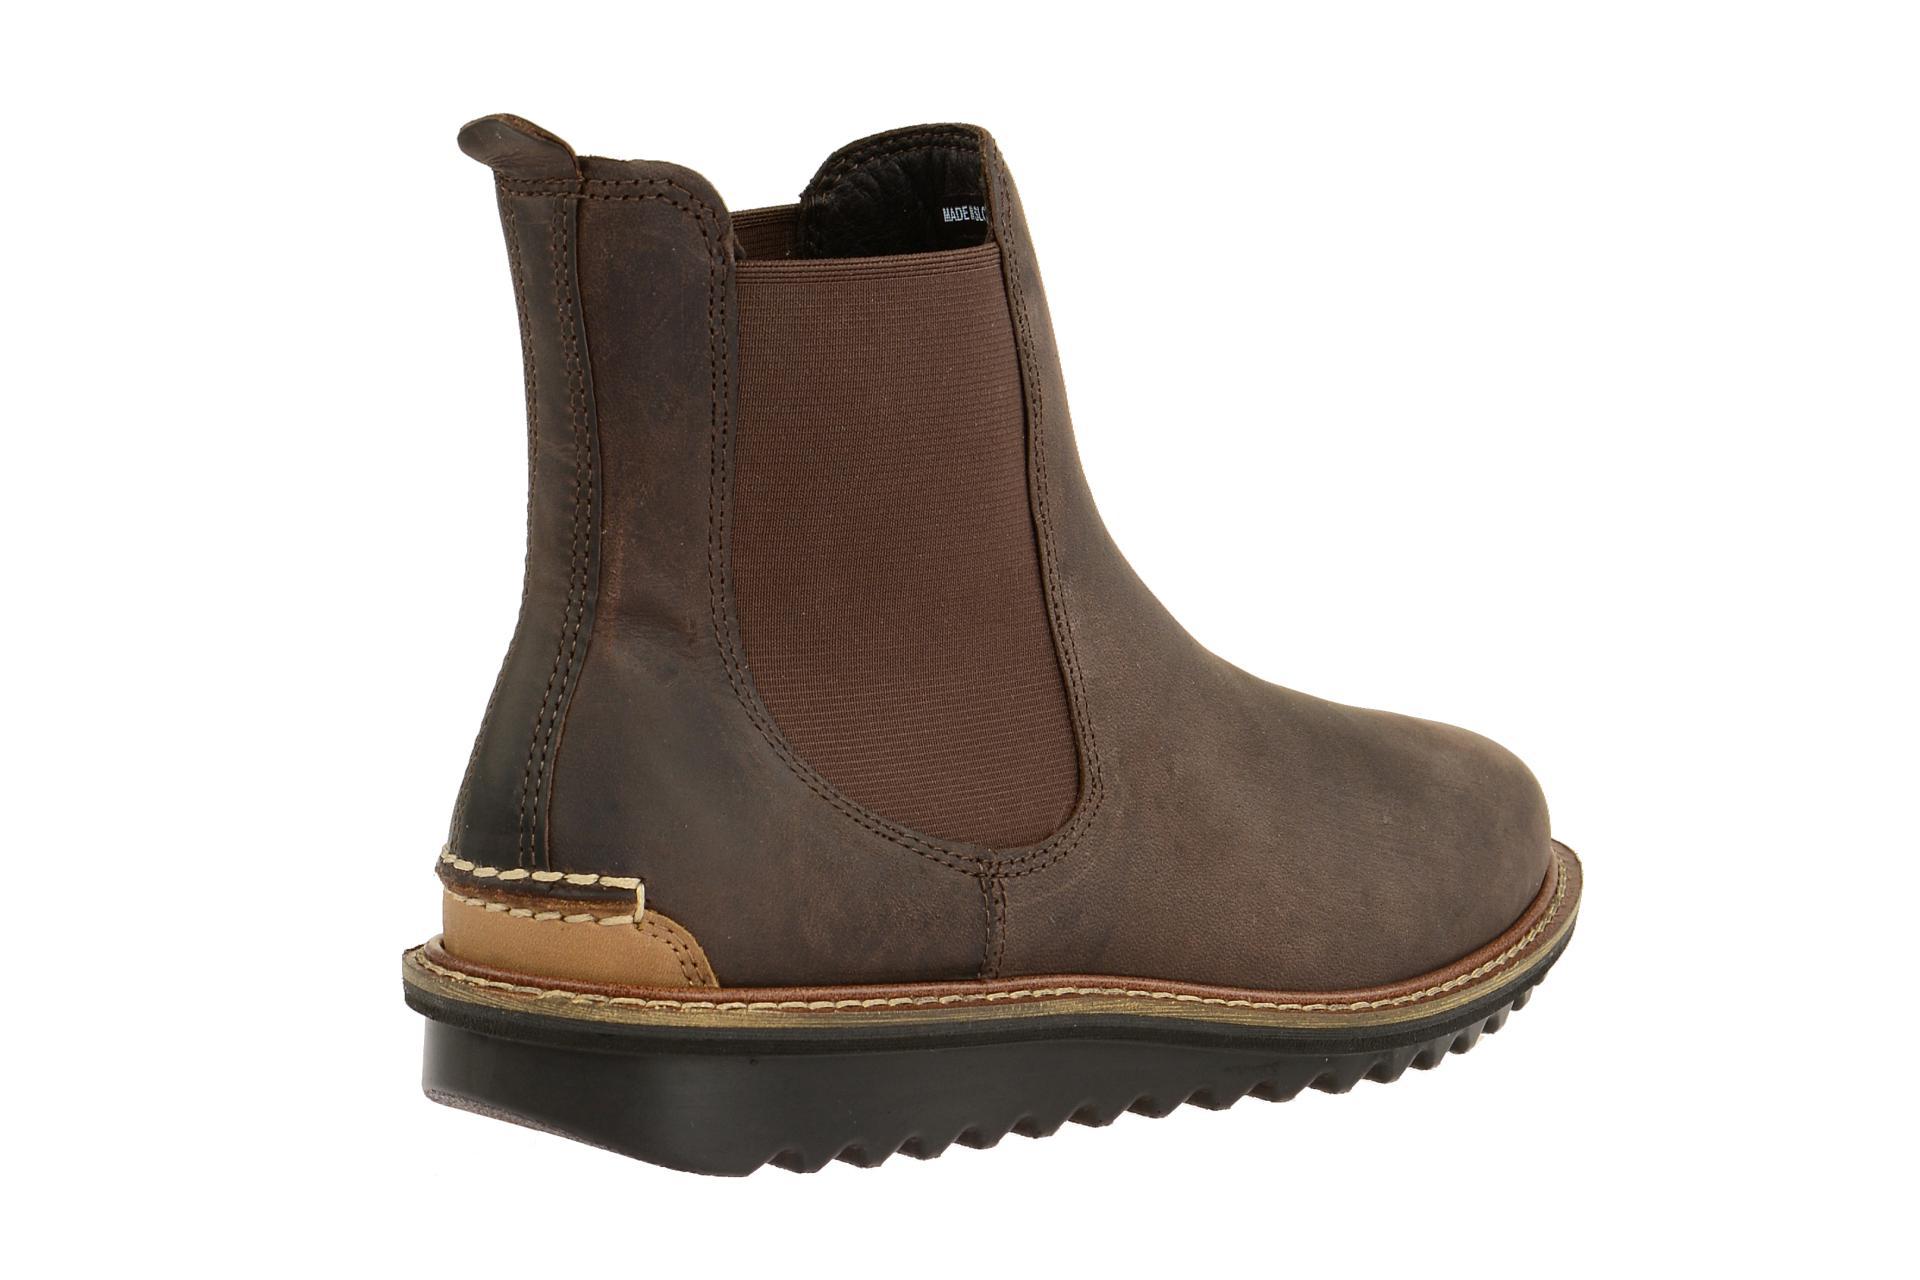 Schuhe Damen Braun Bequeme Elaine Stiefelette Ecco Stiefeletten HAq4xwandS